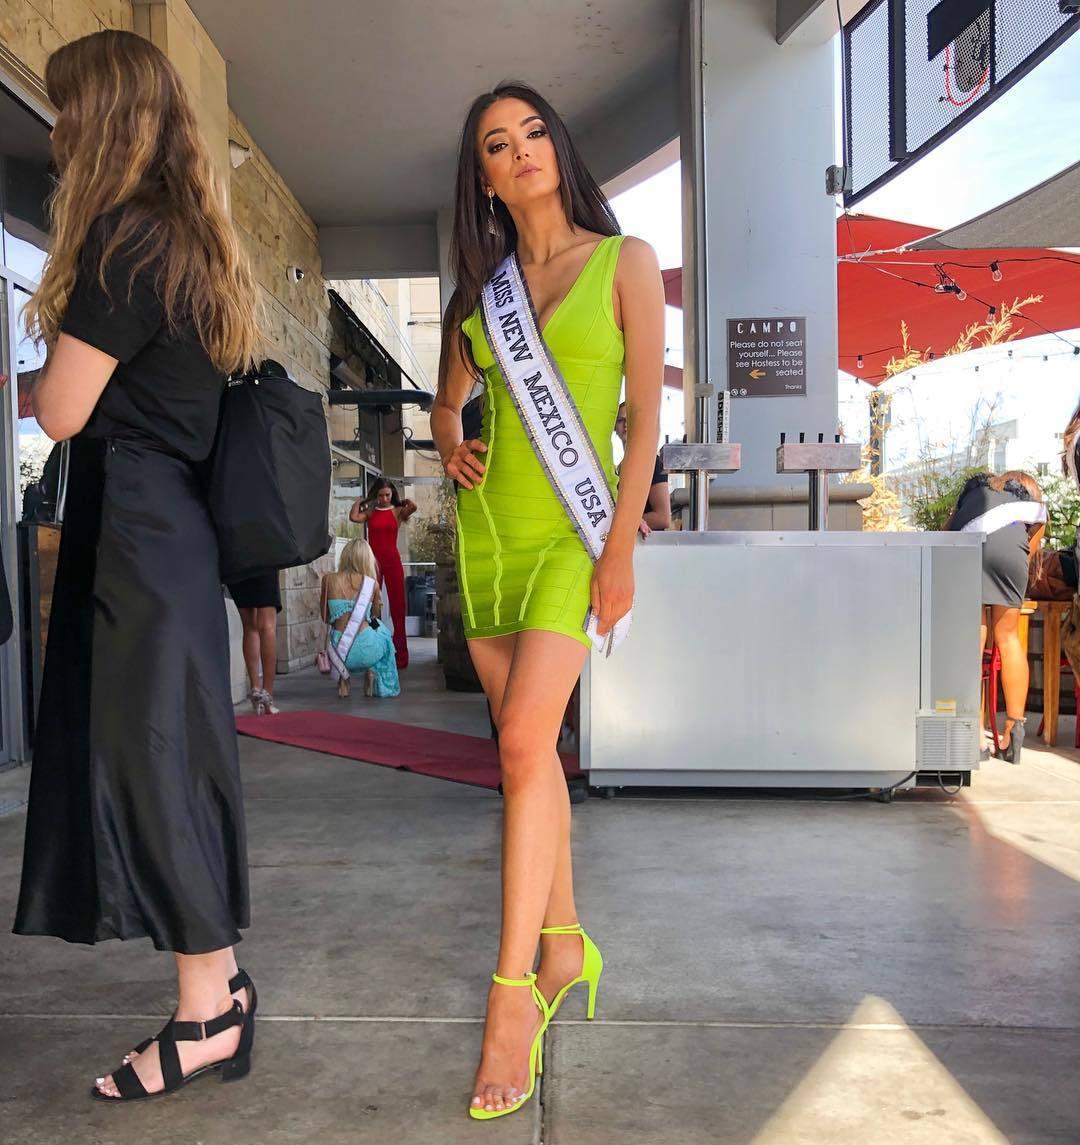 alejandra gonzalez, top 2 de miss usa 2019. - Página 7 58453857_2114053012218143_3074058229735955985_n